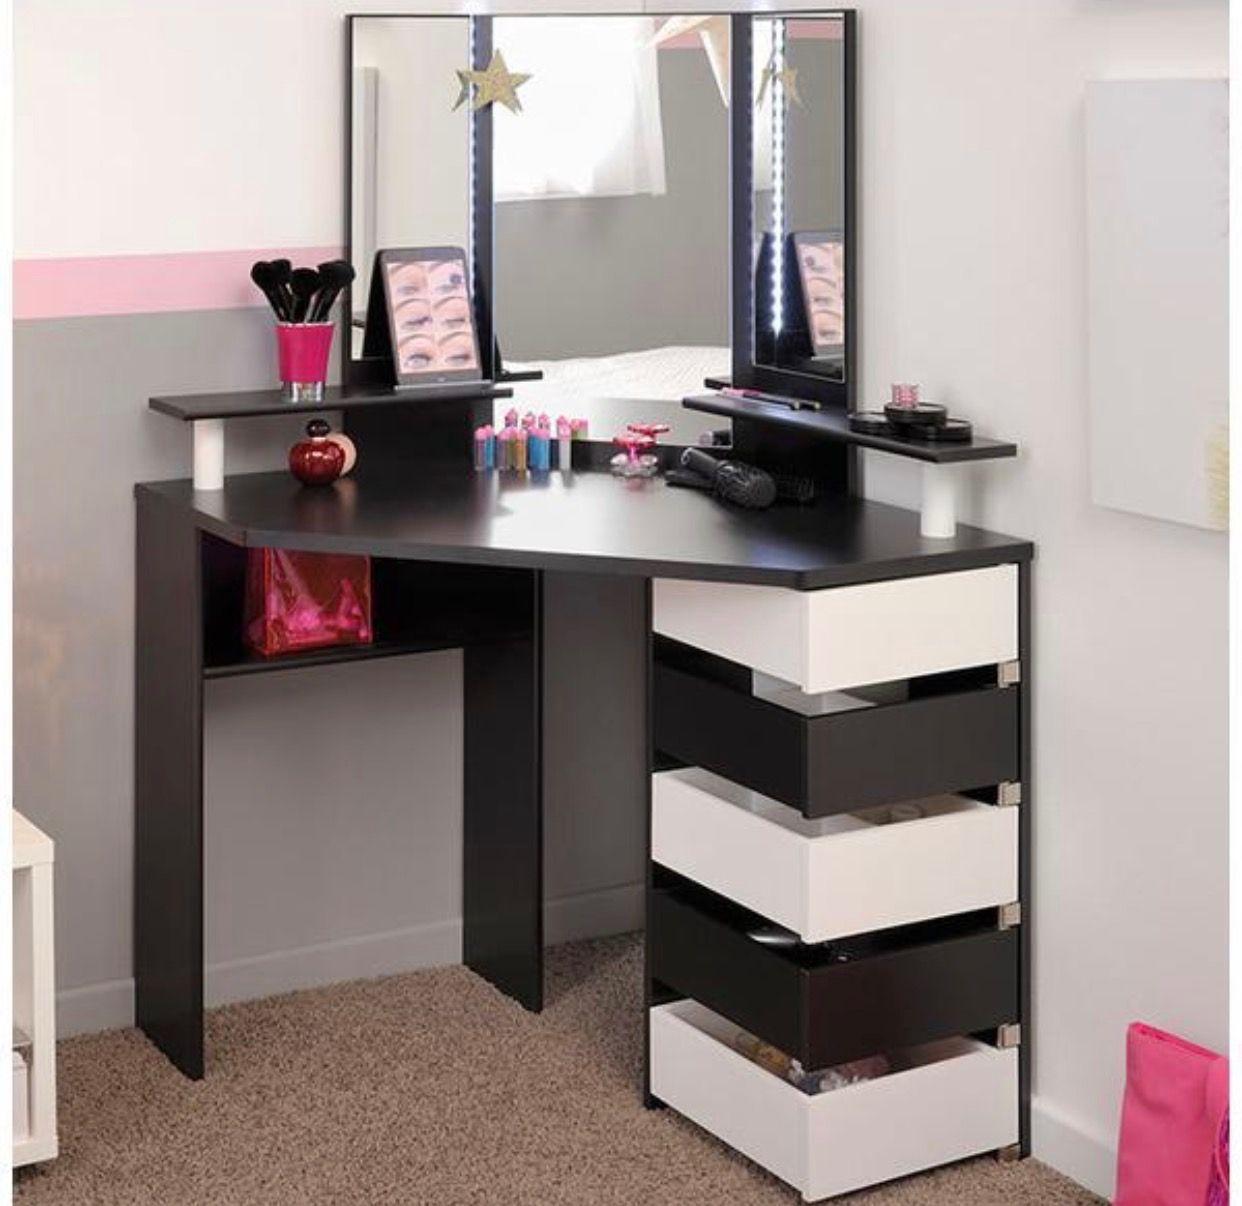 Cornered vanity home goods pinterest corner vanity vanities cornered vanity geotapseo Images